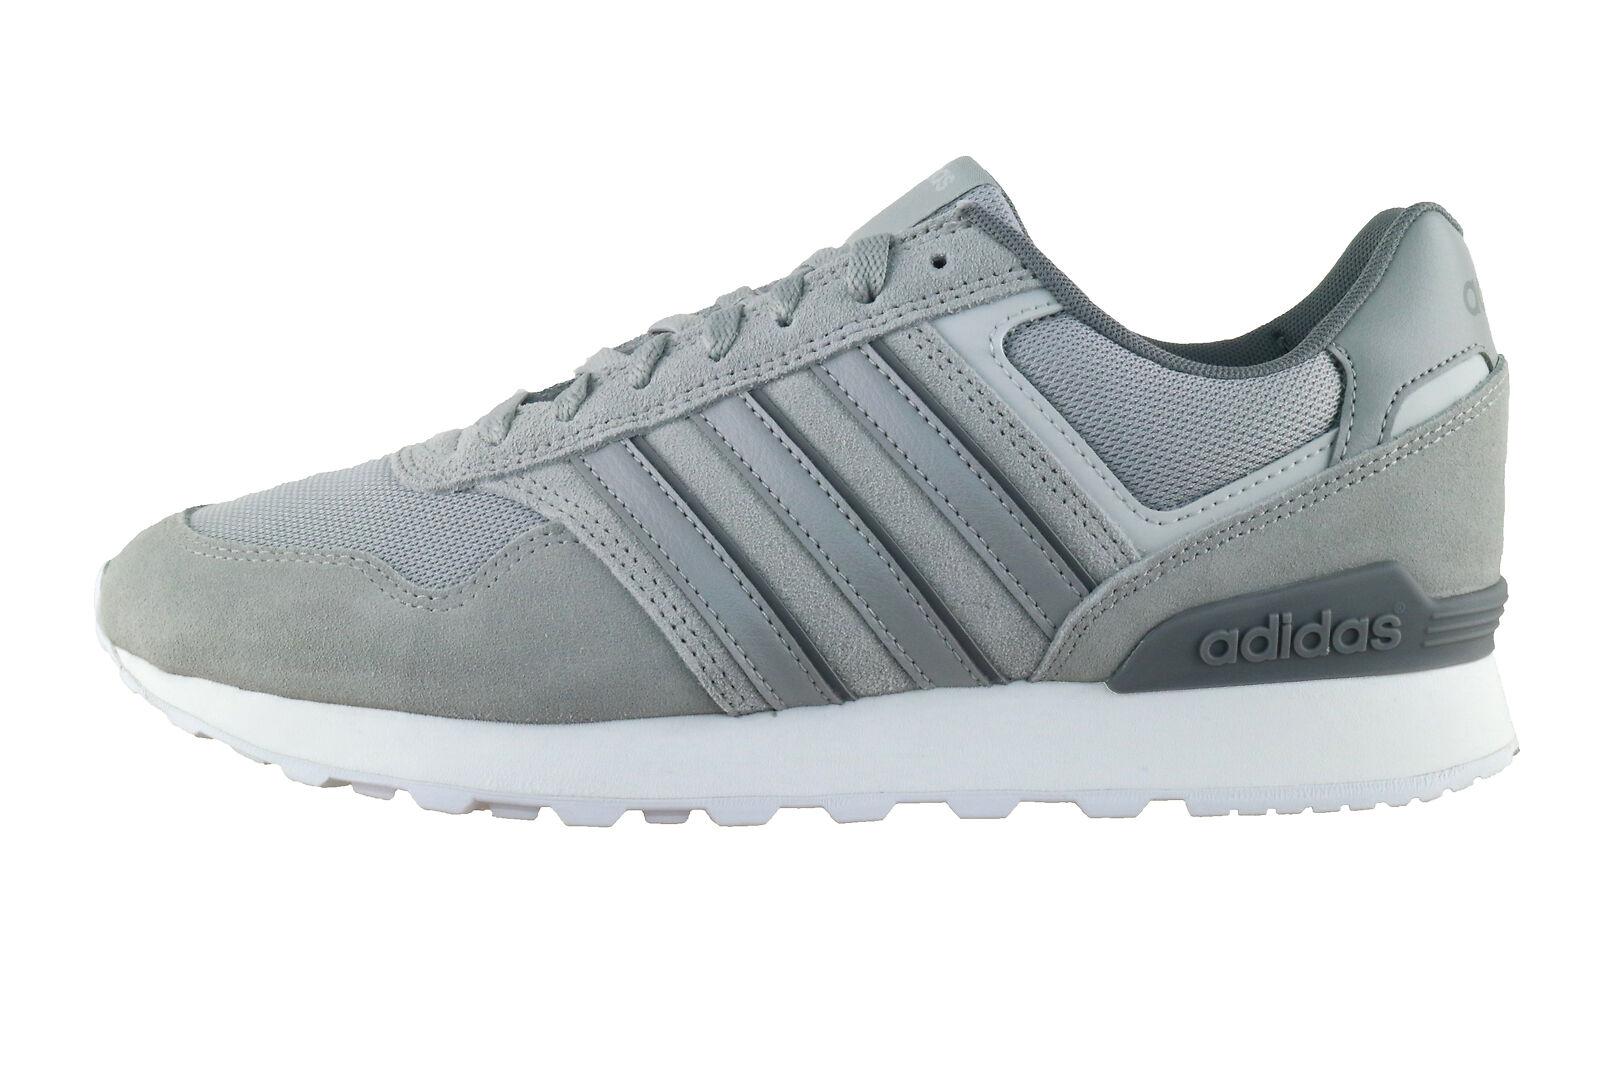 adidas Core Herren Freizeitschuh Sneaker 10K grau | real